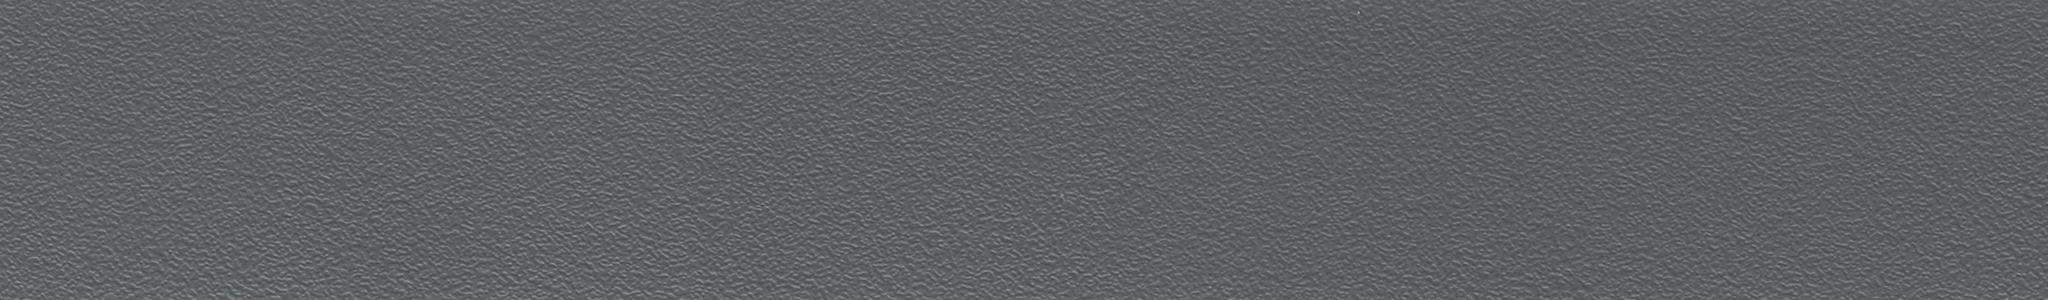 HU 17815 ABS hrana šedá perla XG